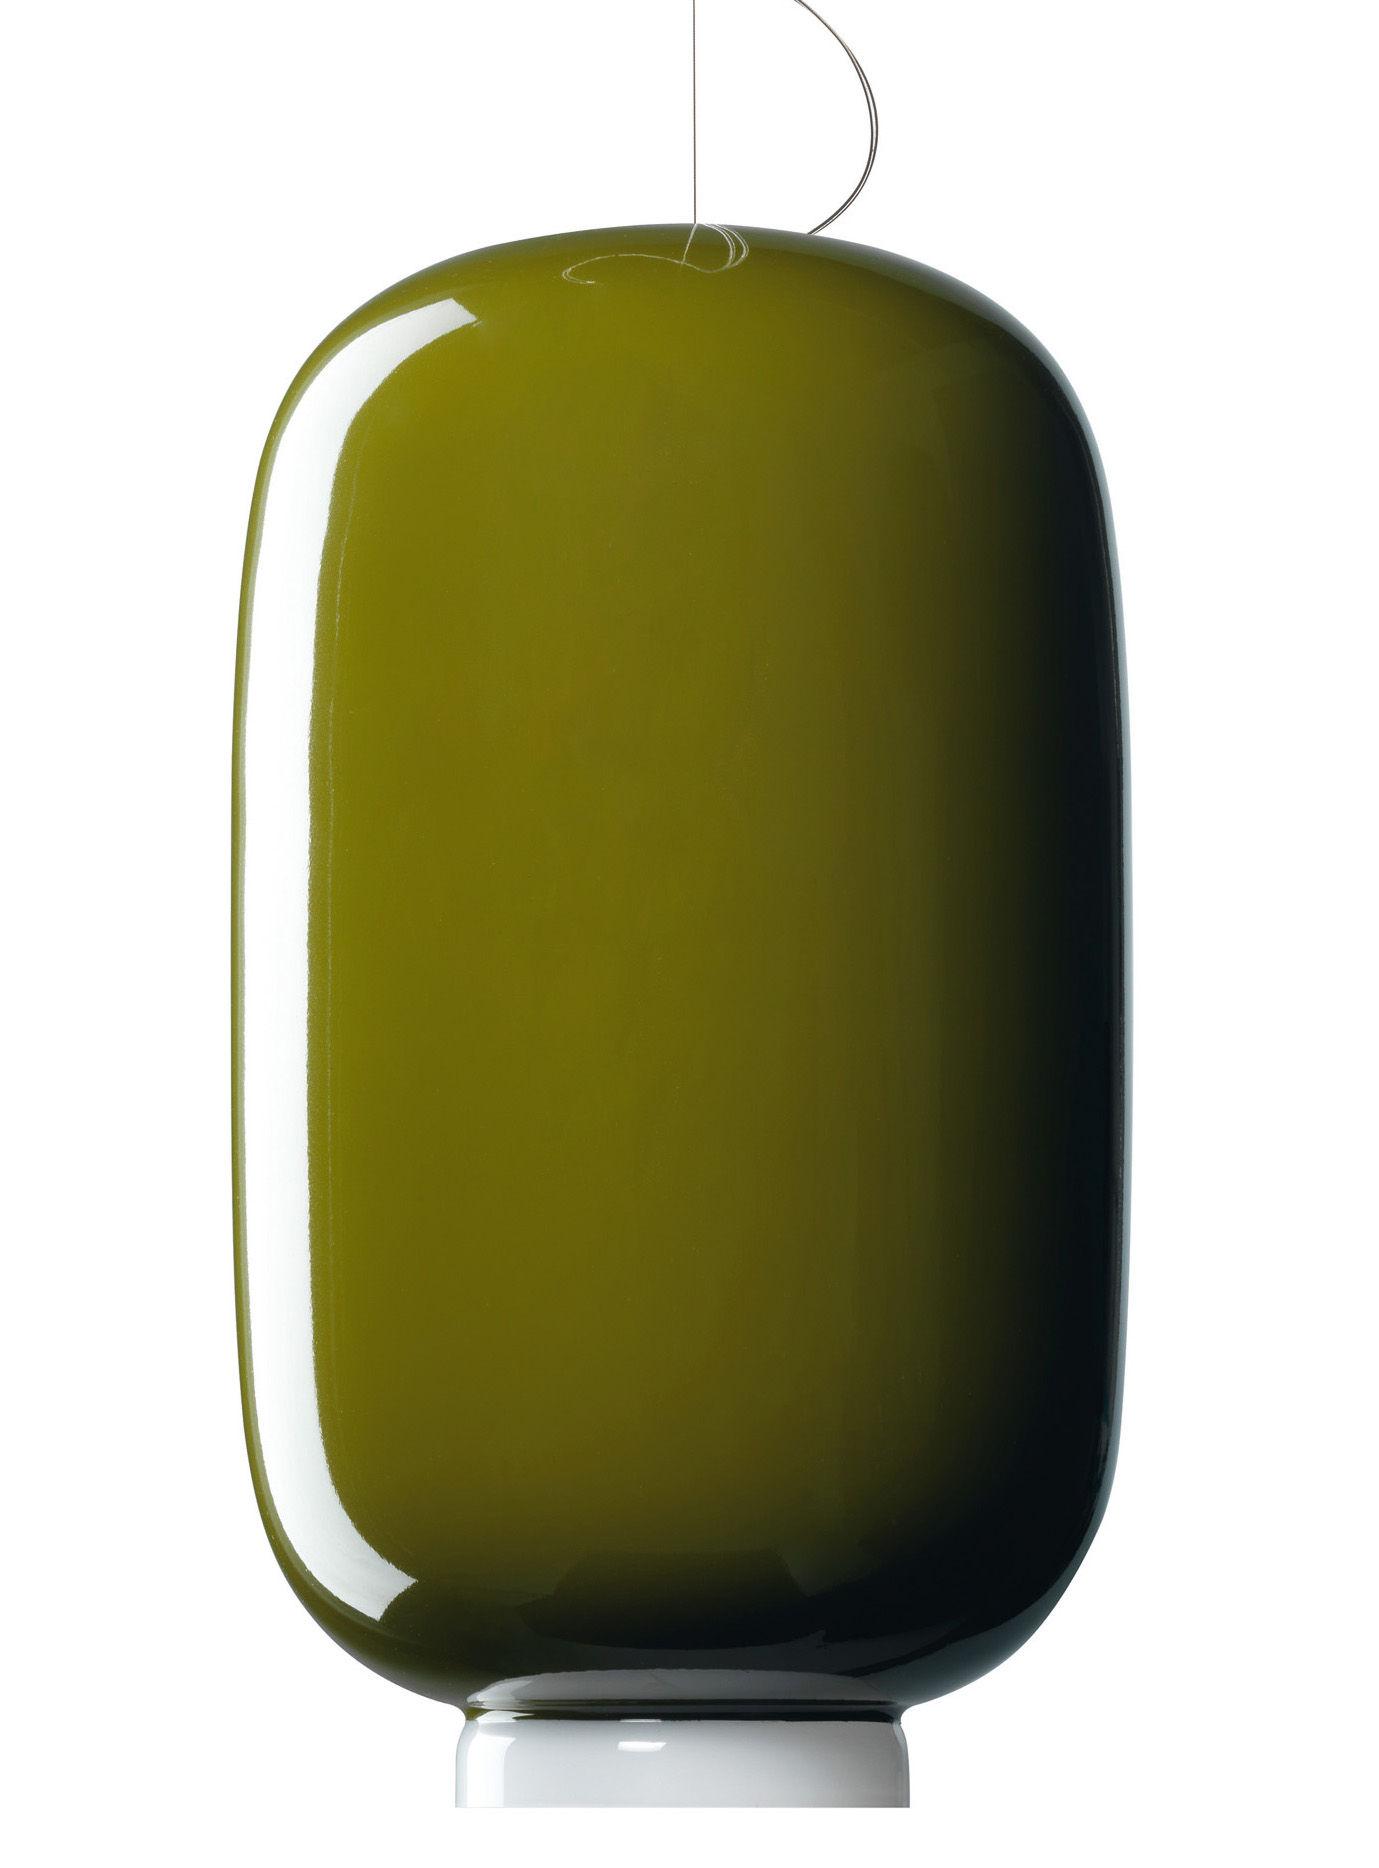 Leuchten - Pendelleuchten - Chouchin Pendelleuchte Modell Nr. 2 - Foscarini - Grün - geblasenes Glas